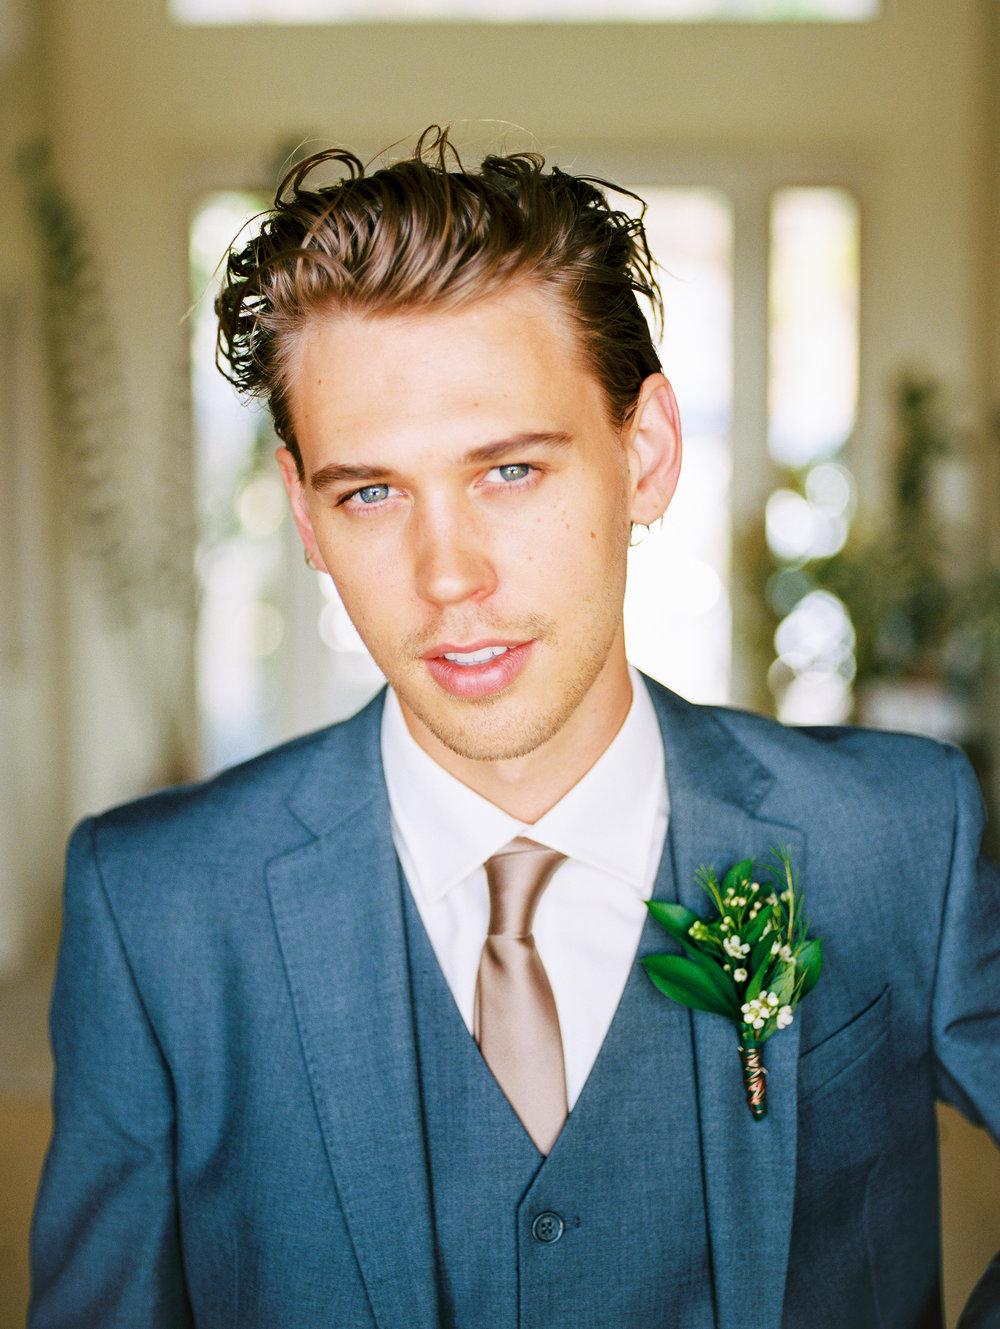 dennisroycoronel_ashleyanthony_vanessahudgens_austinbutler_wedding_losangeles_photographer-51.jpg